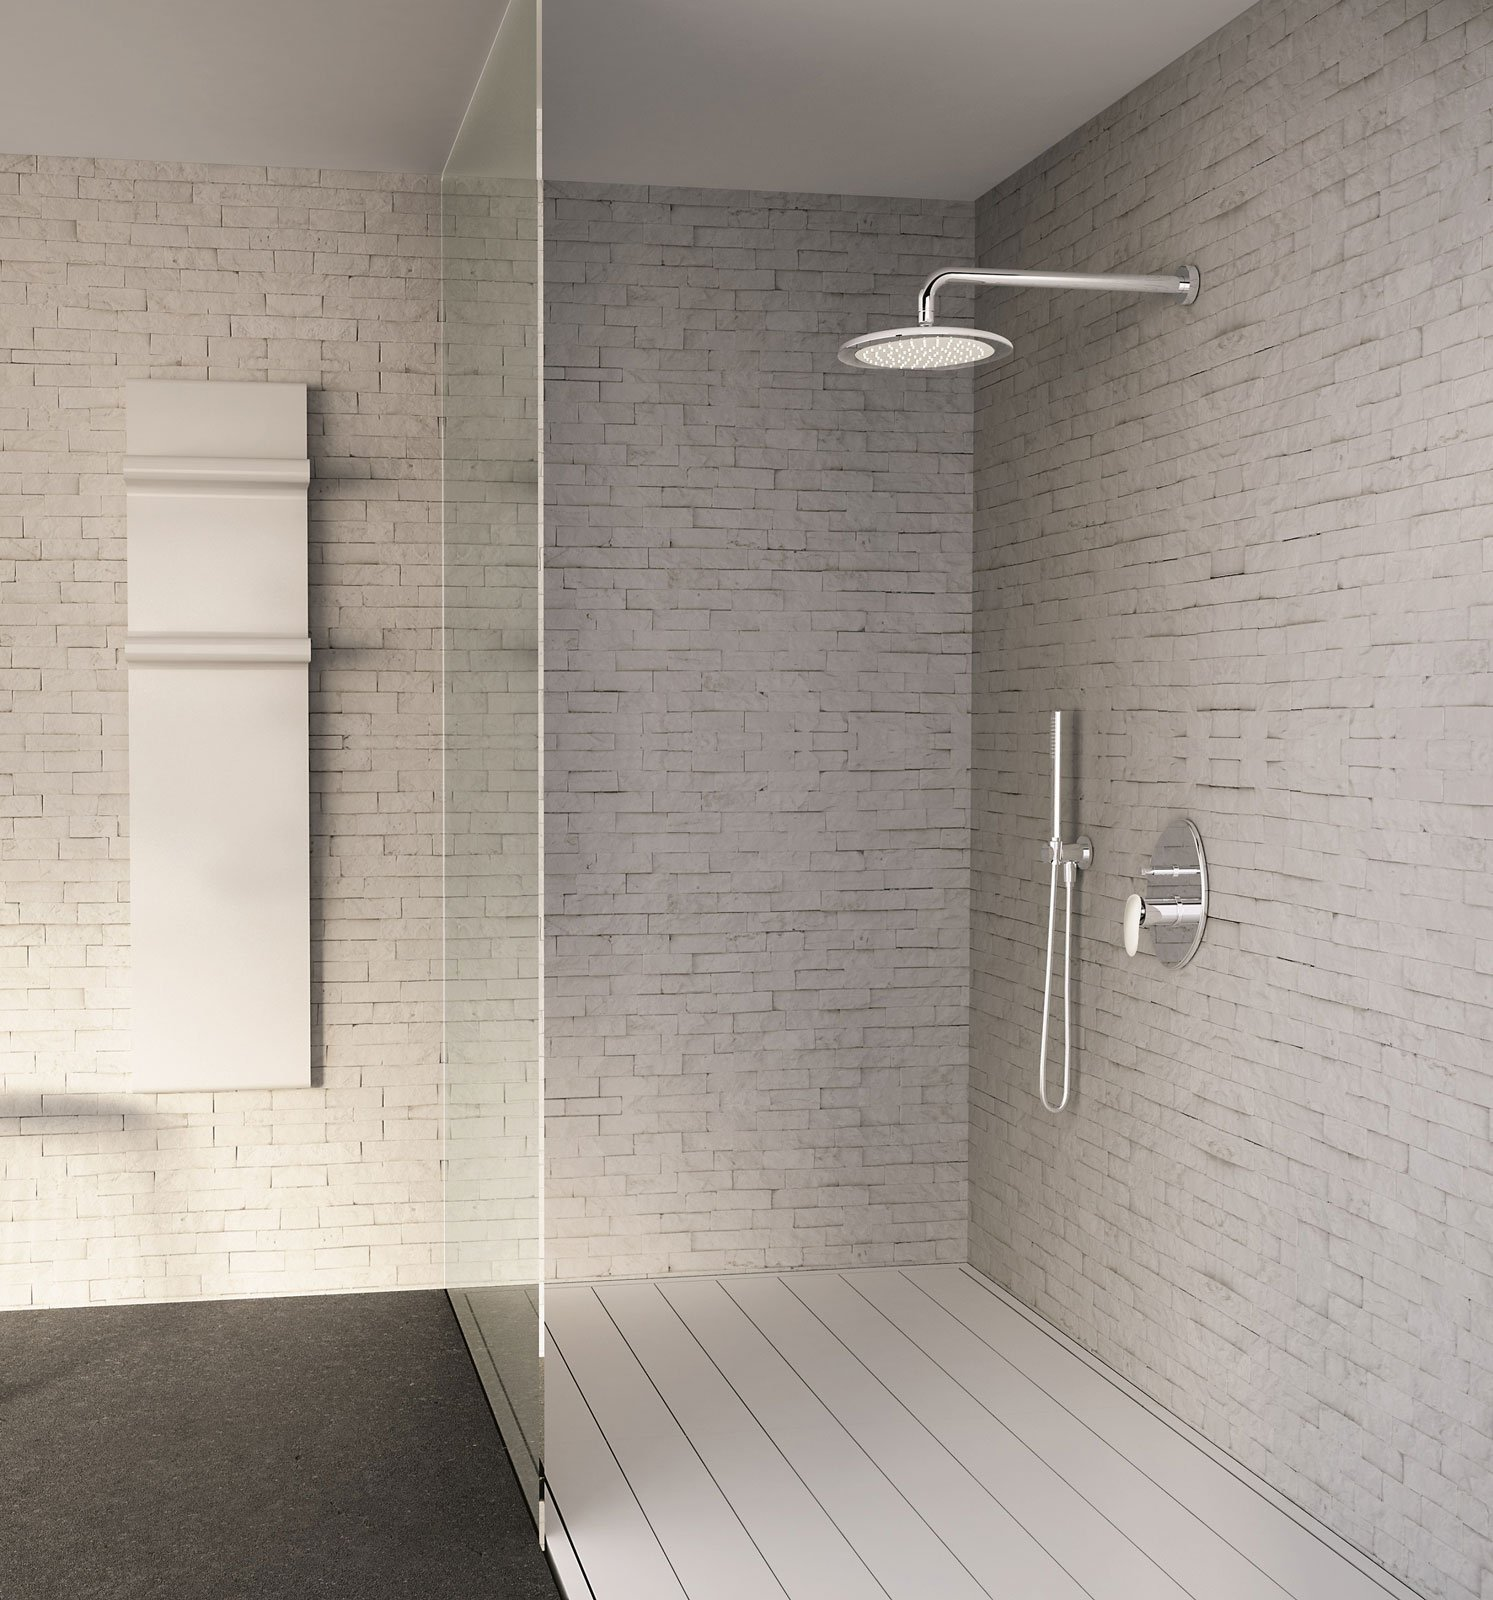 Gruppo doccia soffioni e doccette una coppia per il - Migliori rubinetti bagno ...